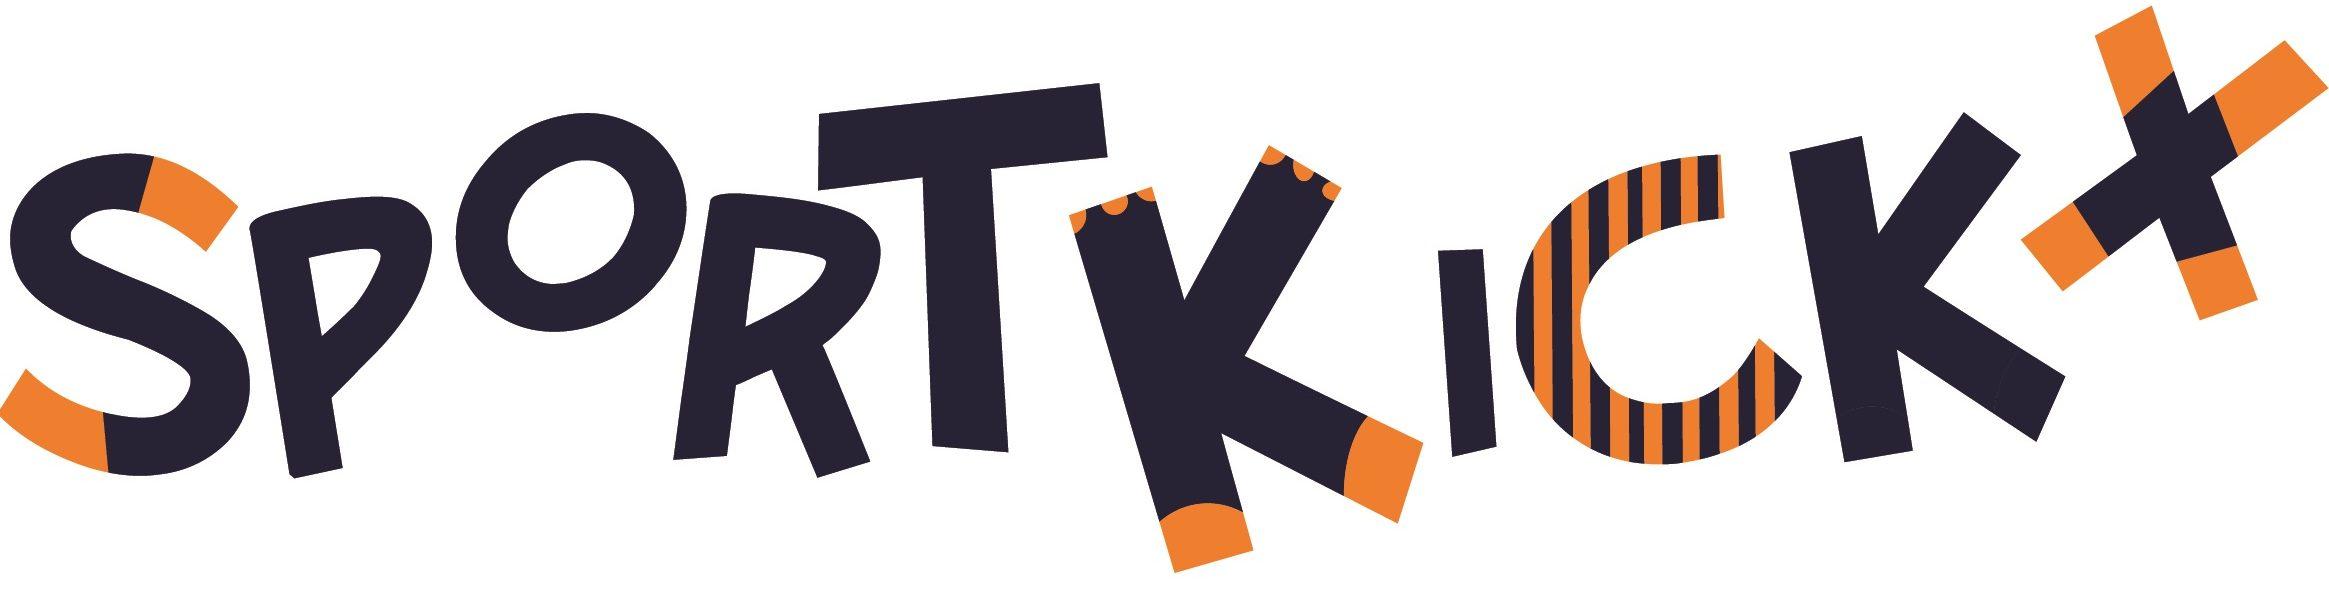 Sportkickx